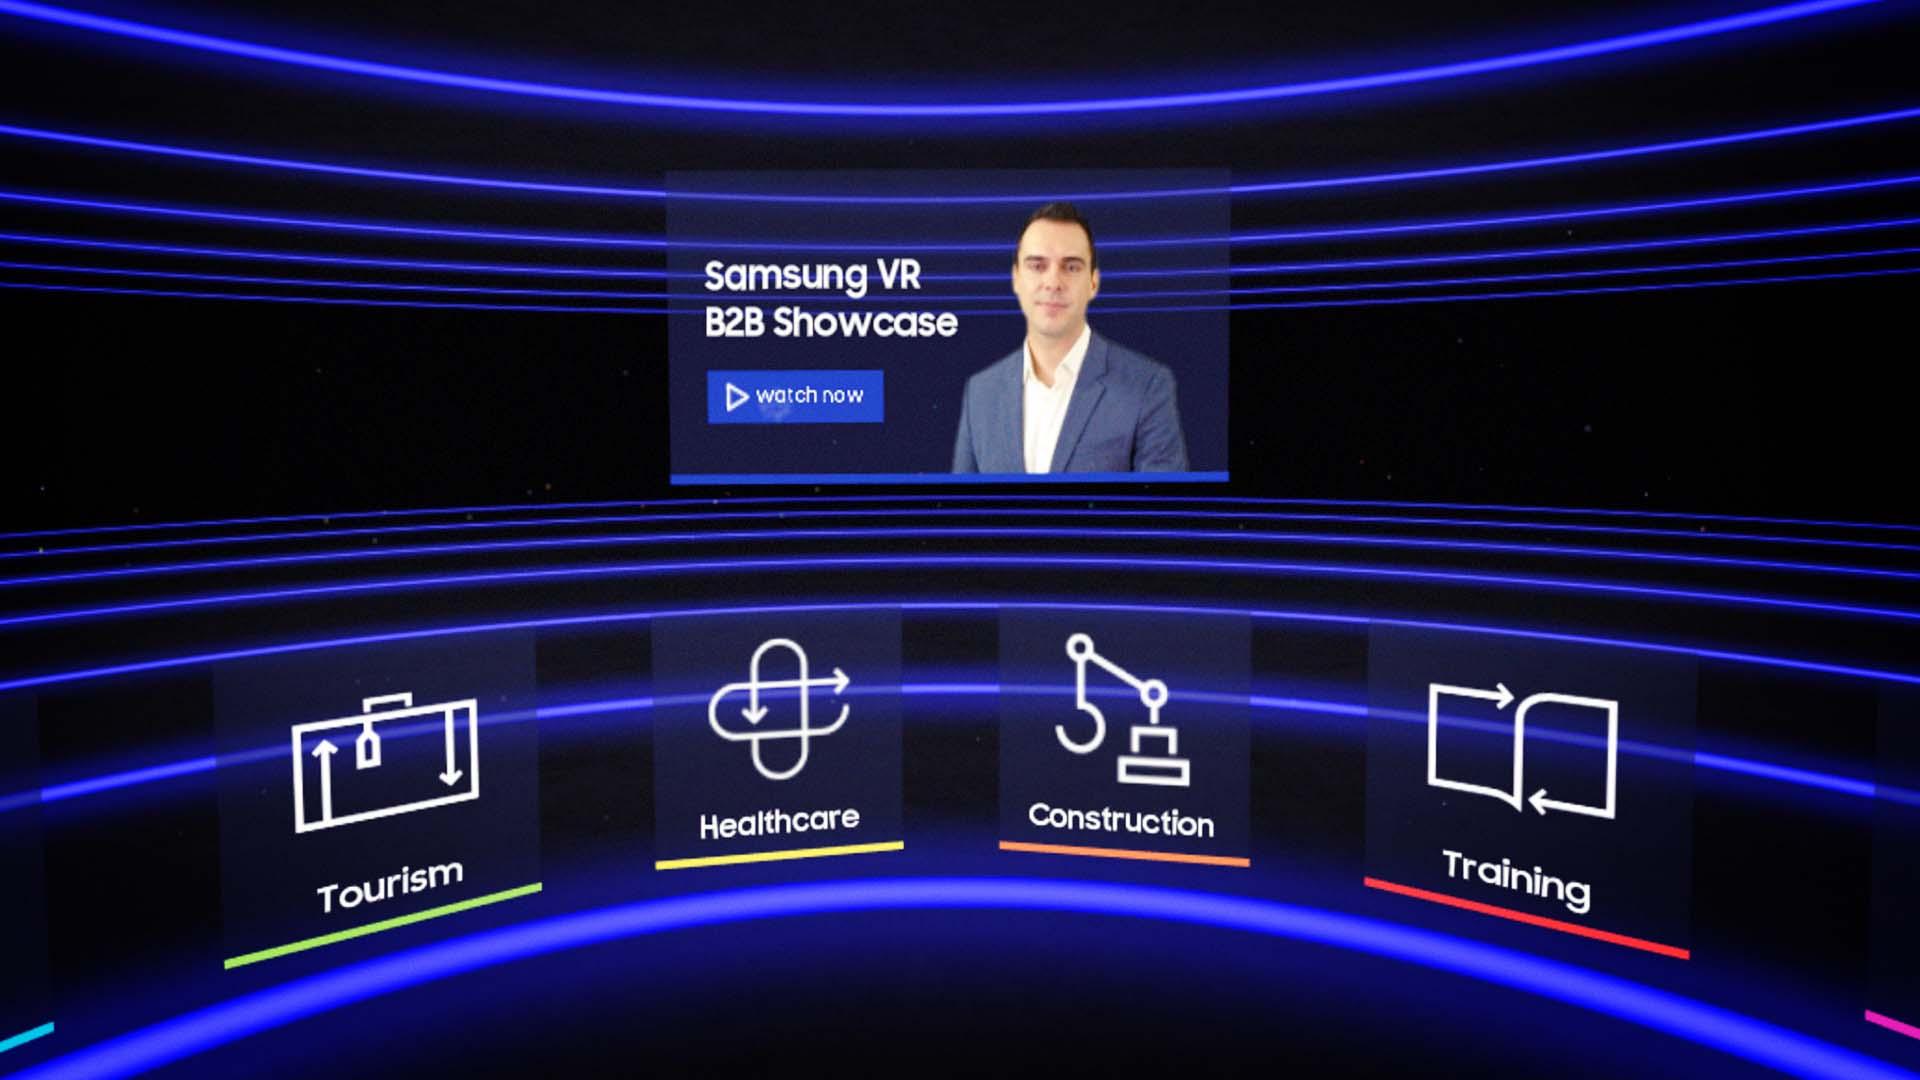 Samsung VR B2B Showcase Menu Scree